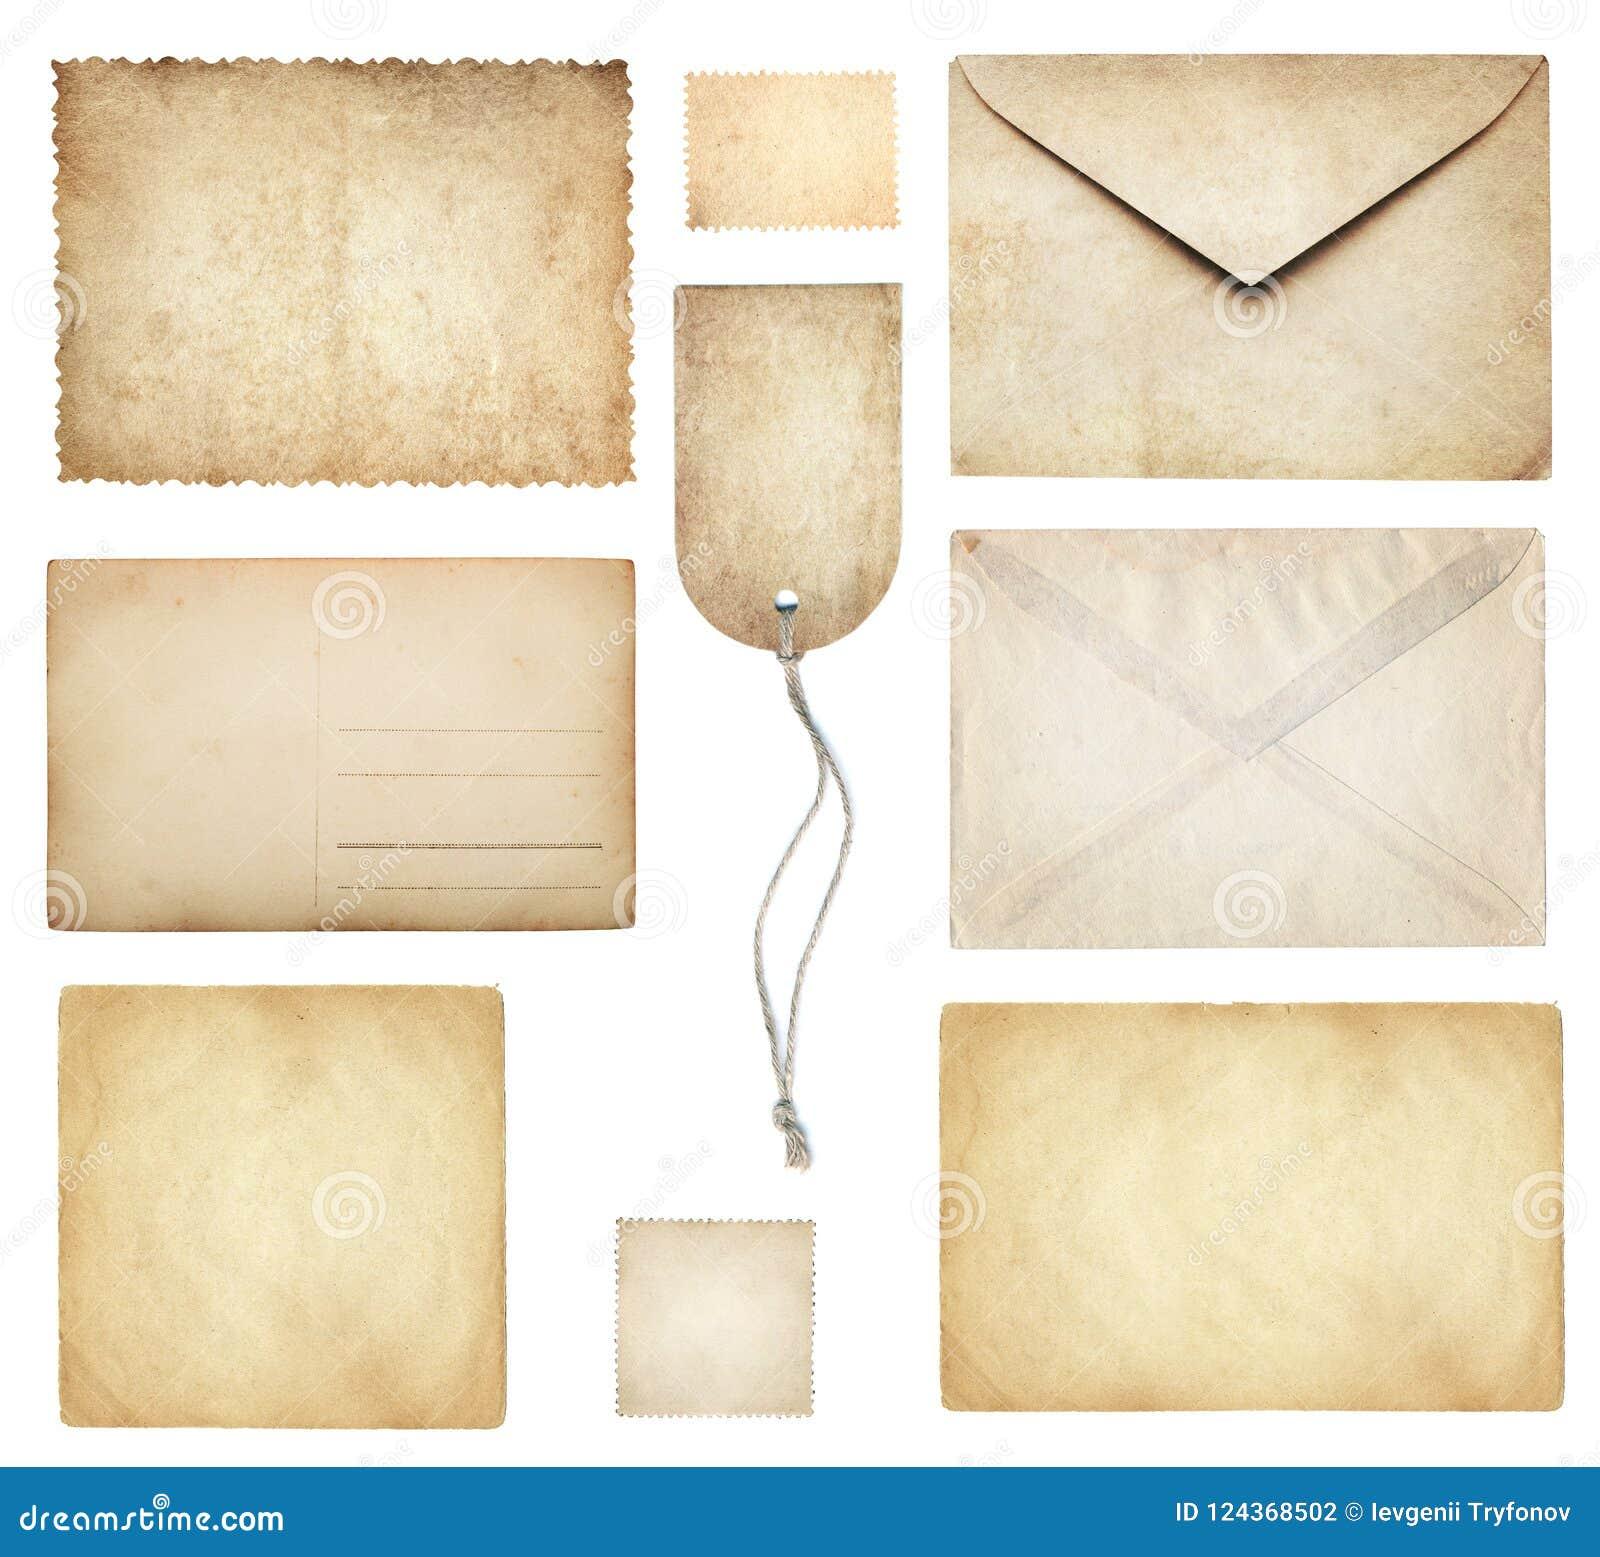 Colección antigua de los papeles: papel con membrete, sobre, postal, posta